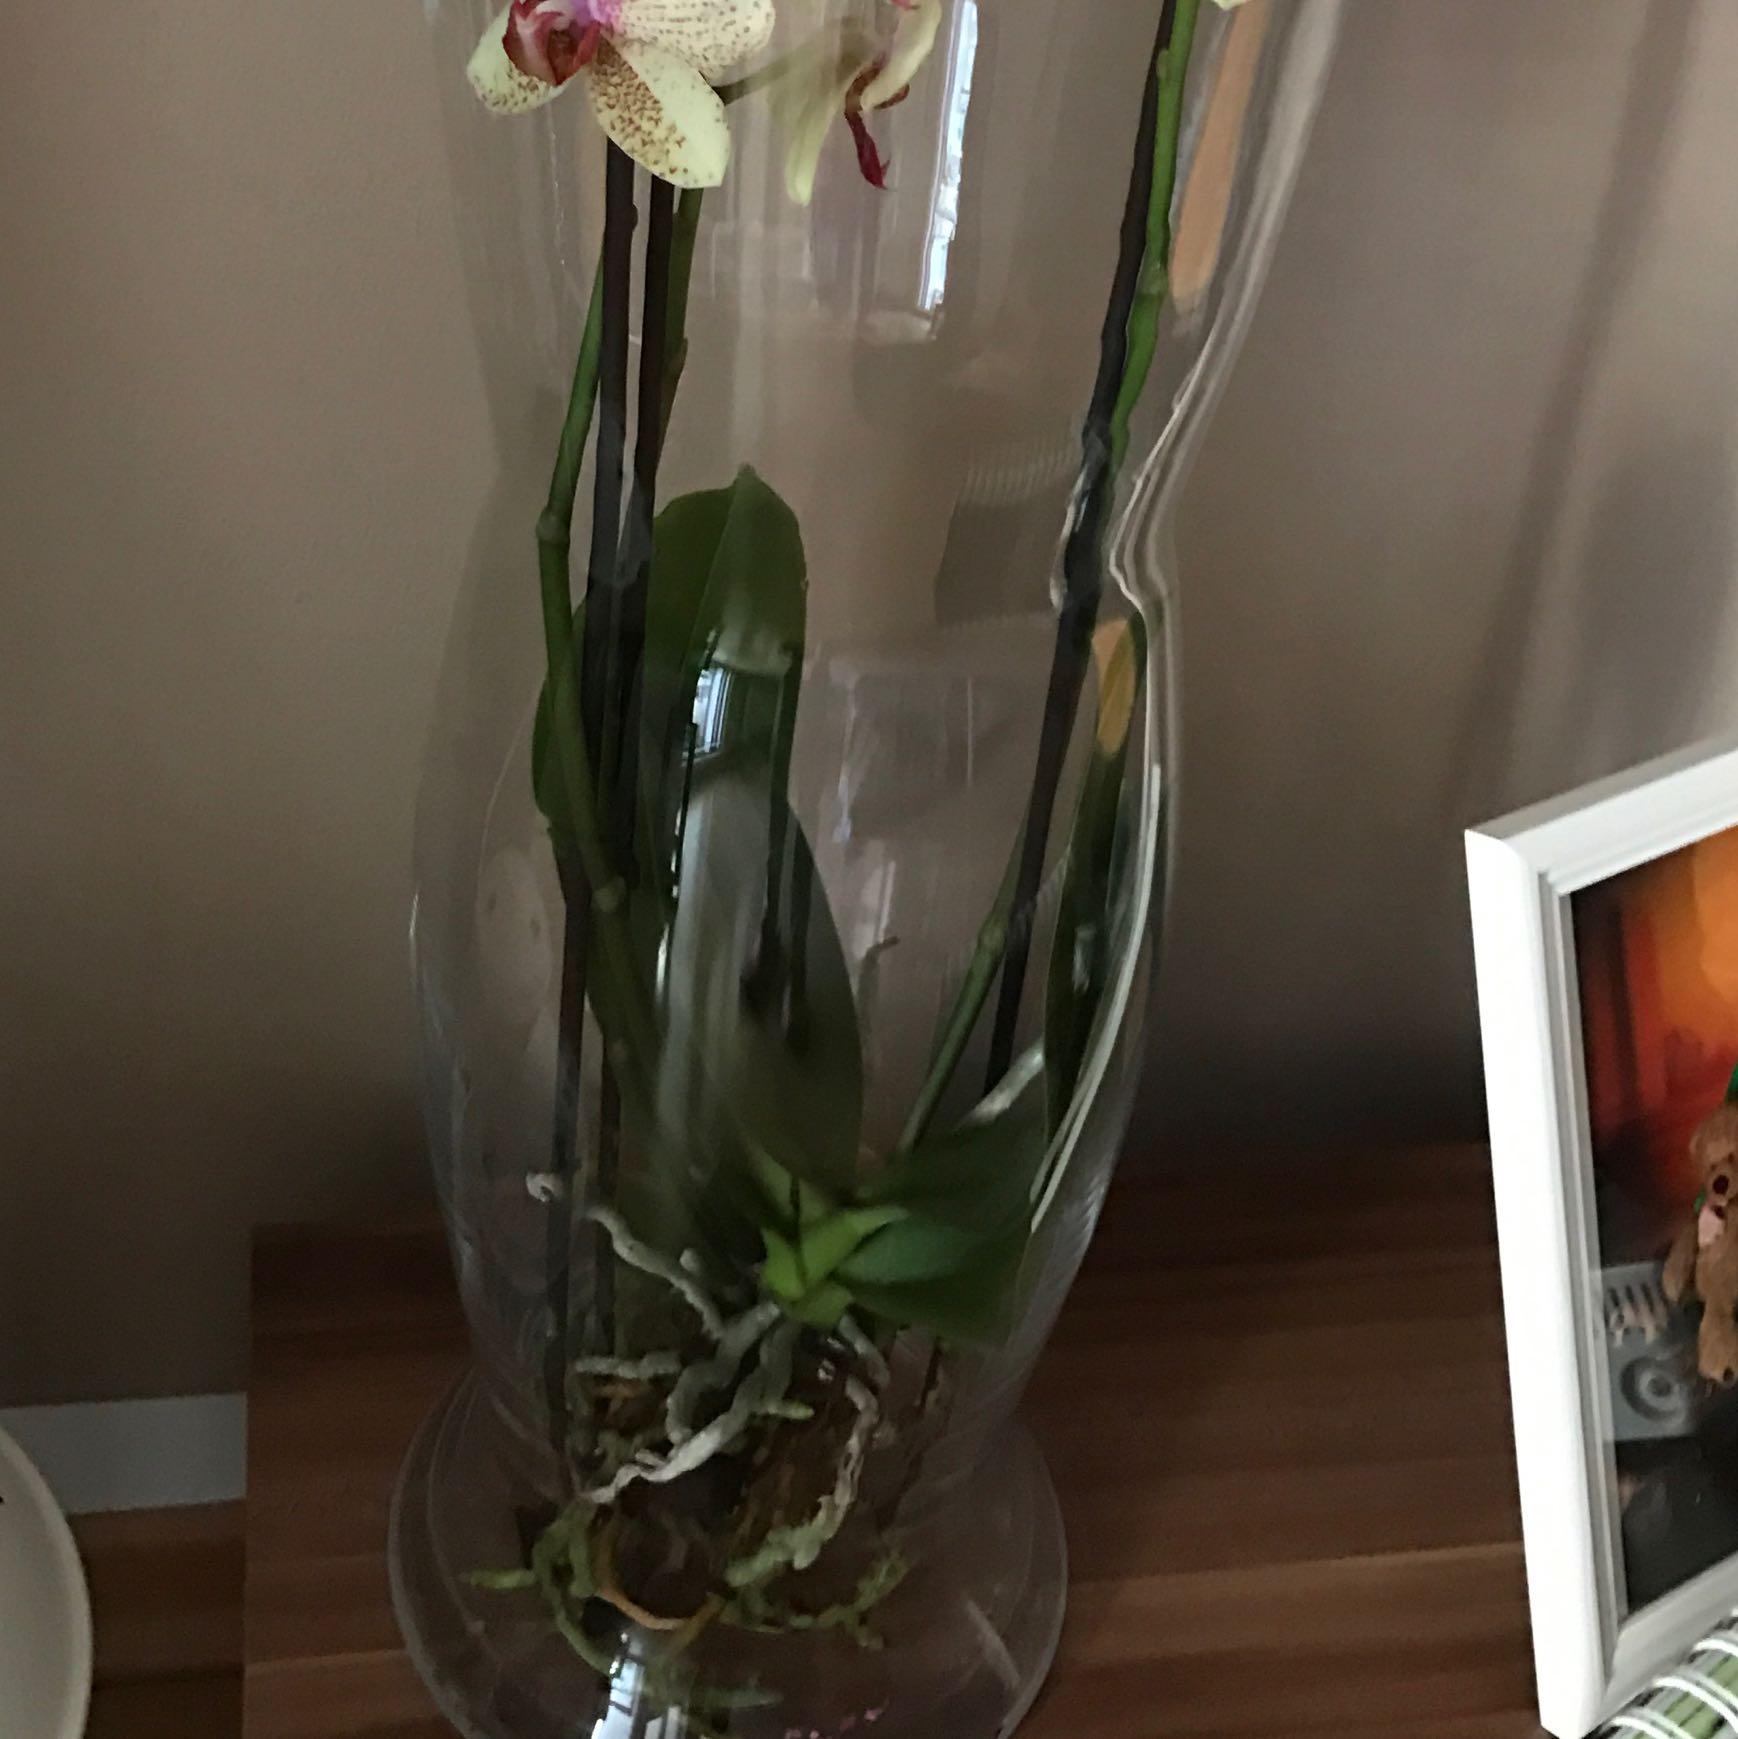 orchideen im glas minigarten im glas der minigarten ein kleines st ck. Black Bedroom Furniture Sets. Home Design Ideas